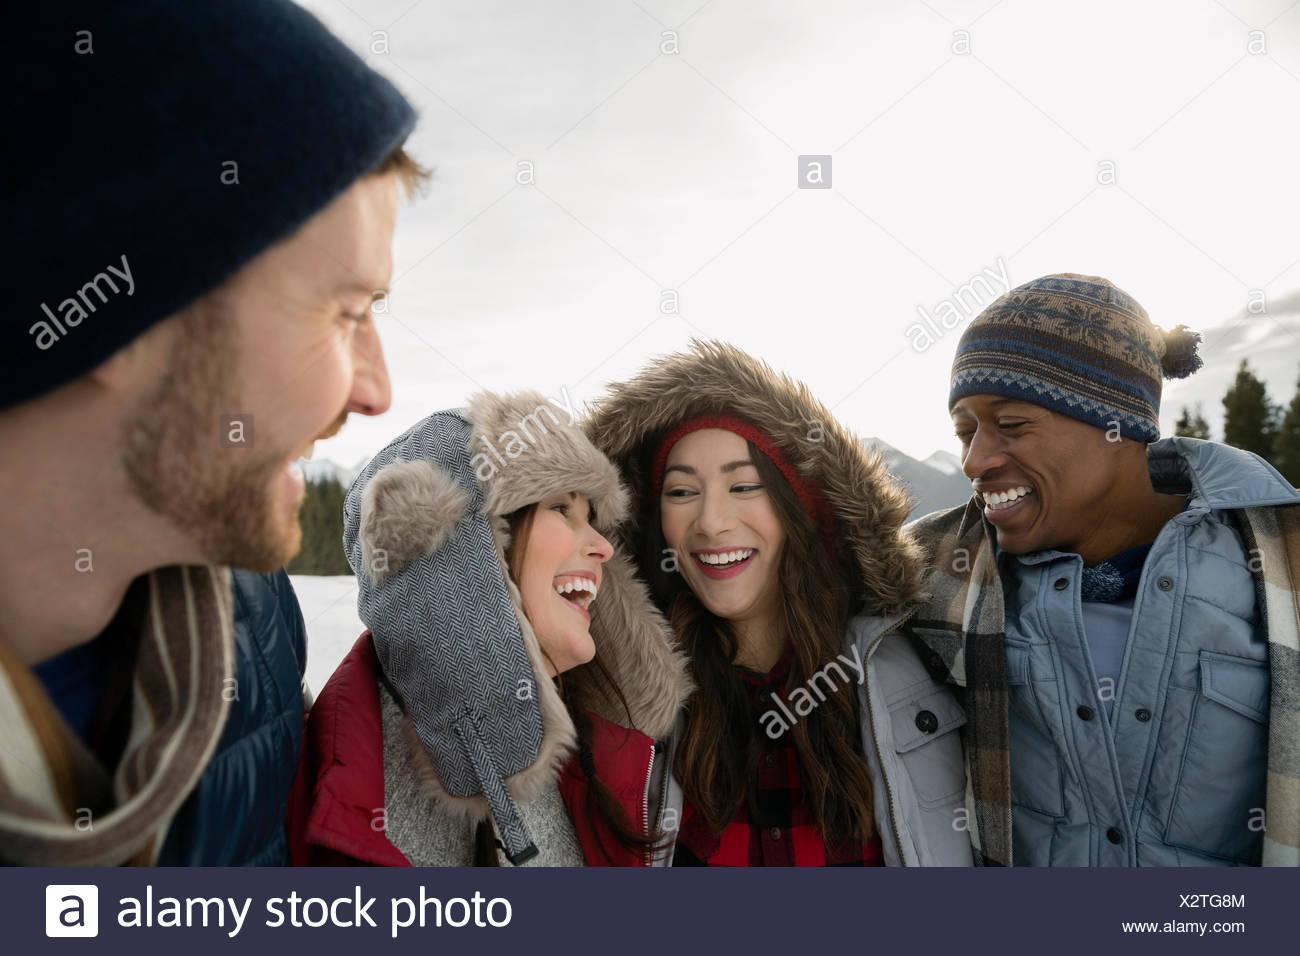 Des couples dans des vêtements chauds laughing outdoors Photo Stock